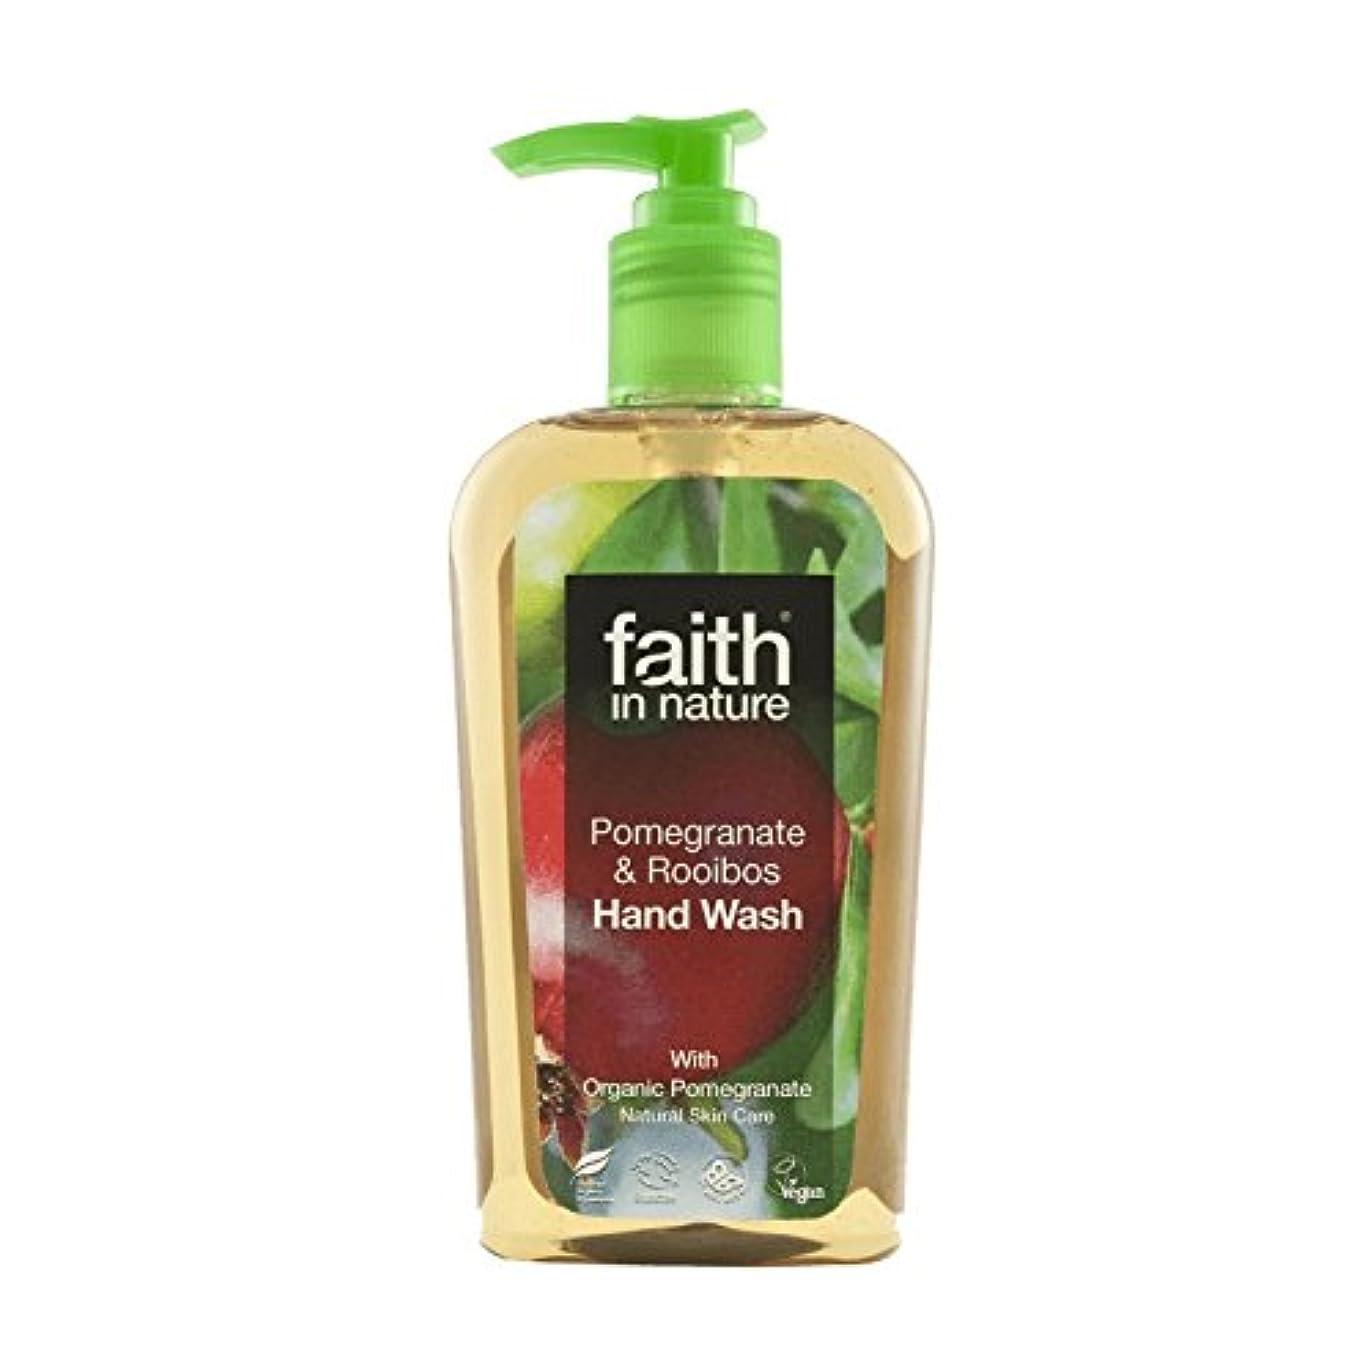 ゴミ箱を空にする位置するピットFaith In Nature Pomegranate & Rooibos Handwash 300ml (Pack of 2) - 自然ザクロ&ルイボス手洗いの300ミリリットルの信仰 (x2) [並行輸入品]